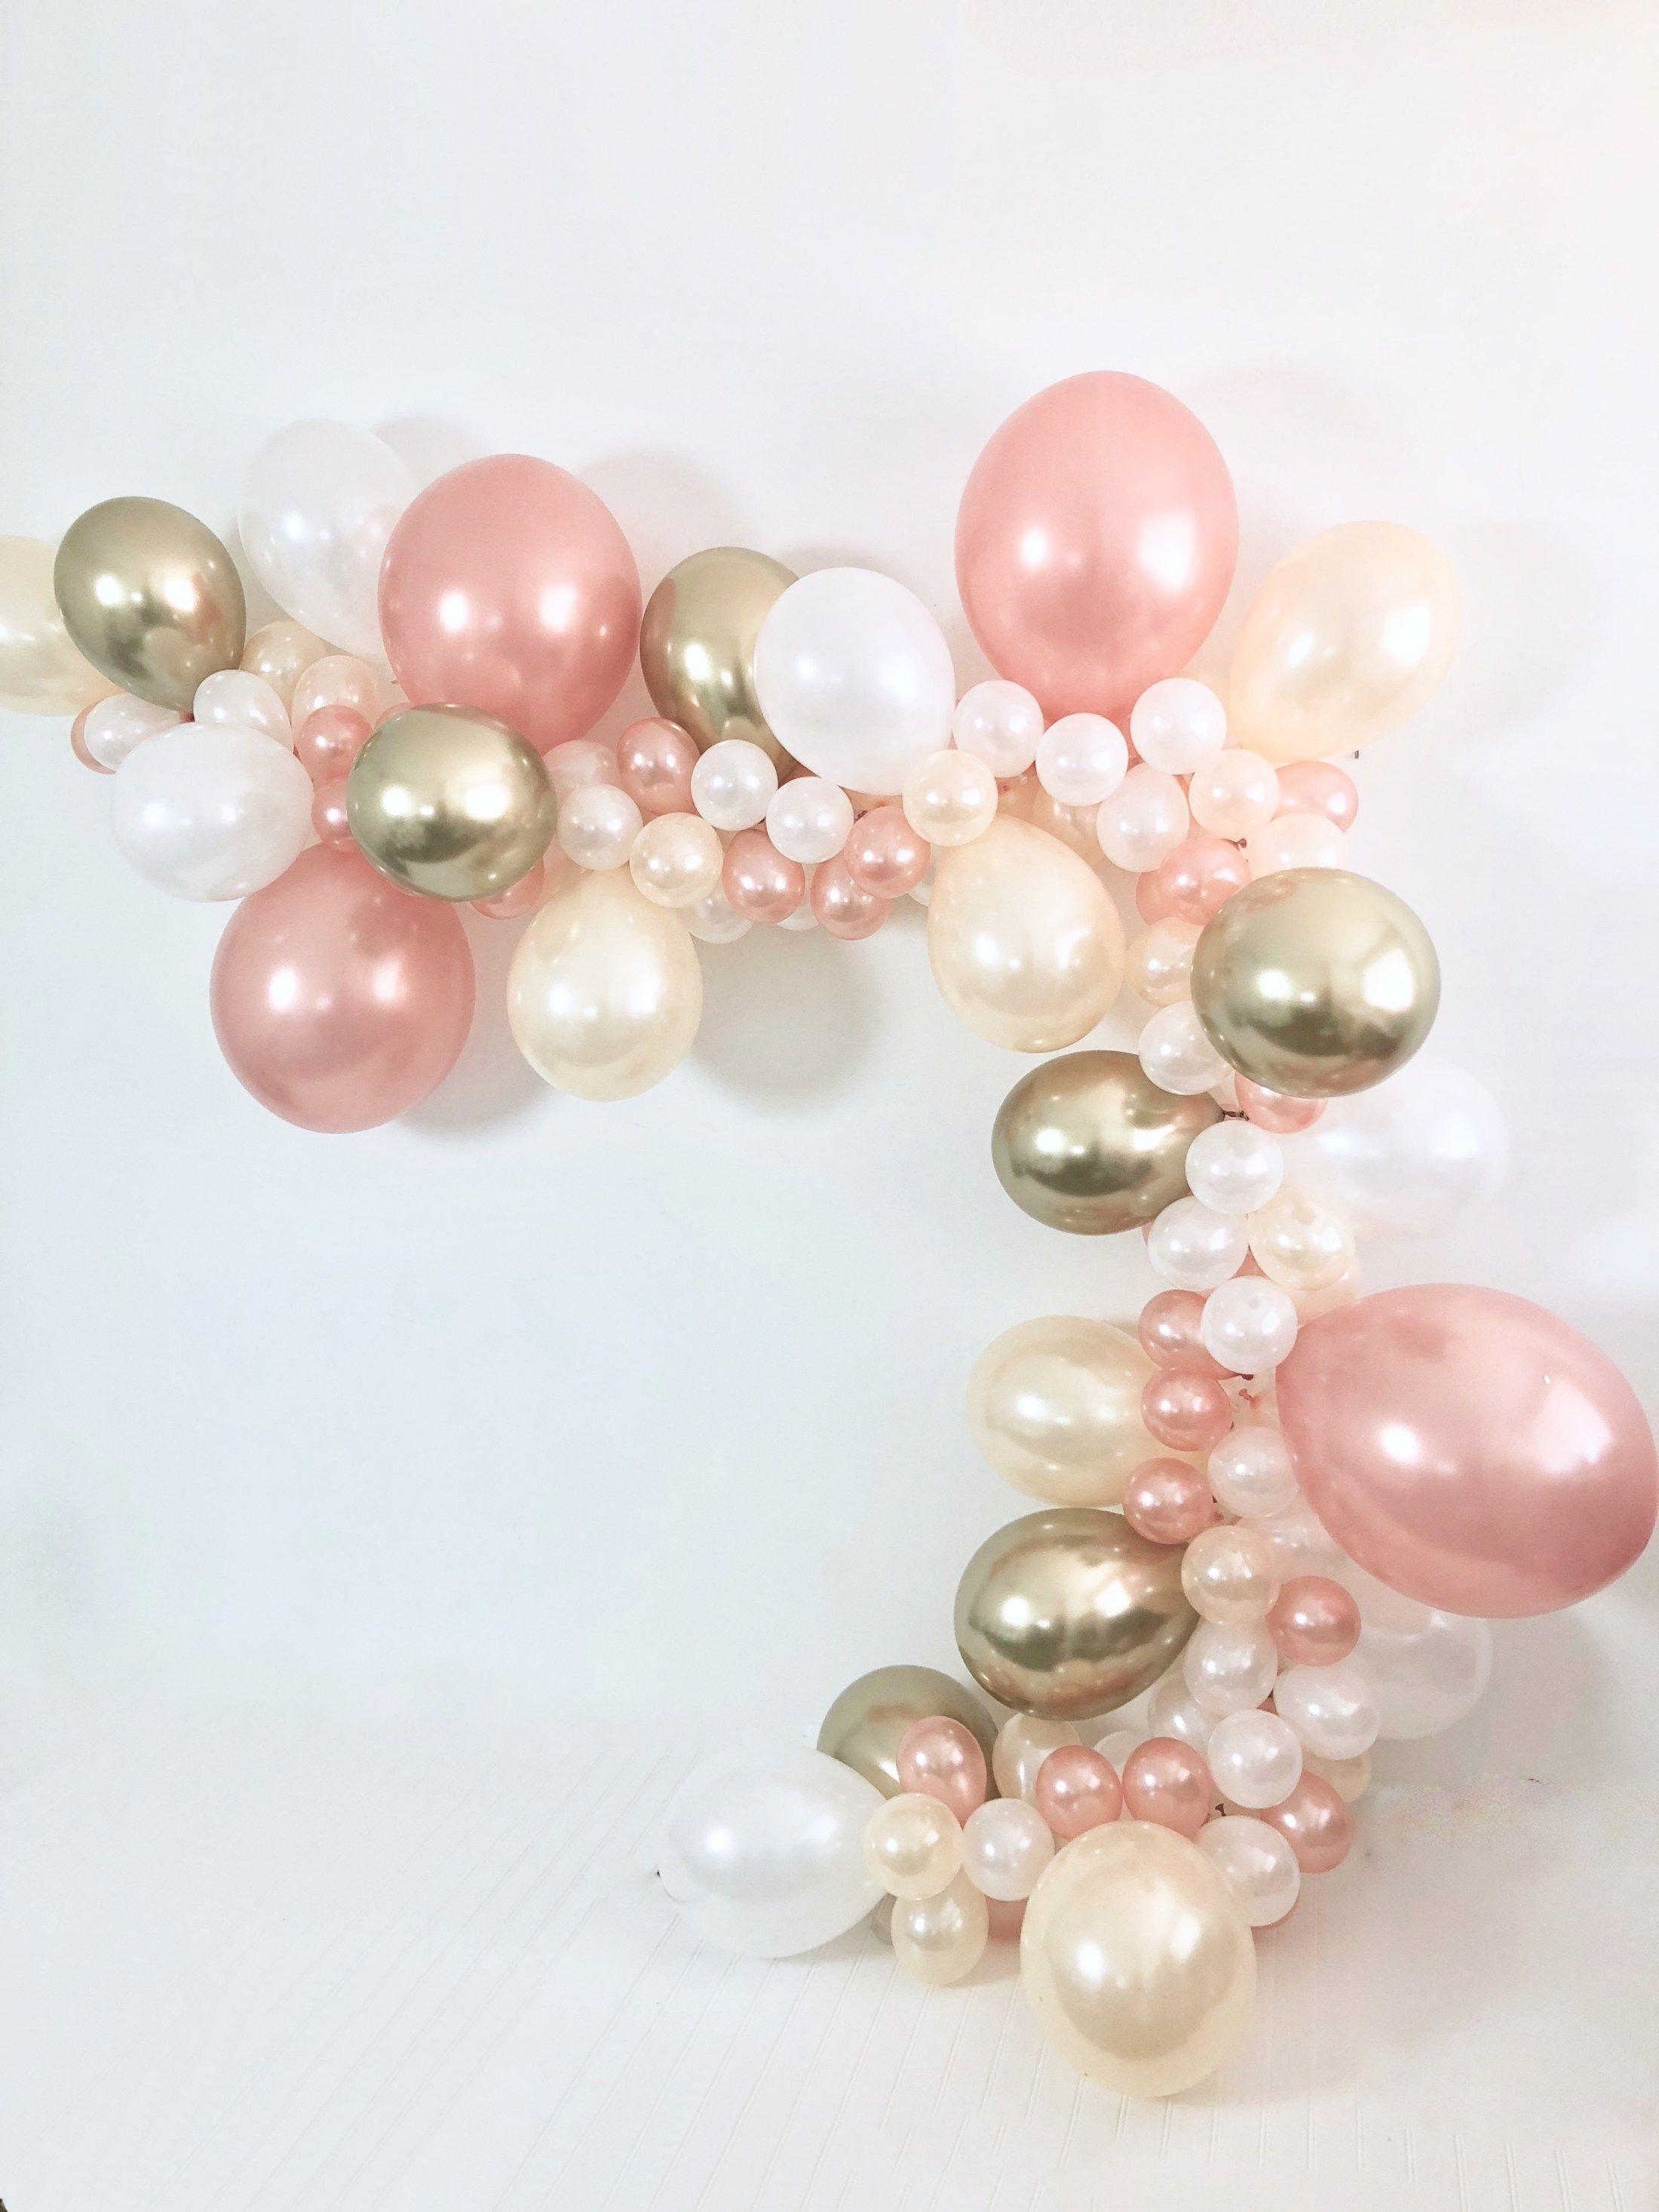 Rose Gold, Pearl Peach, Pearl White, Chrome Gold DIY